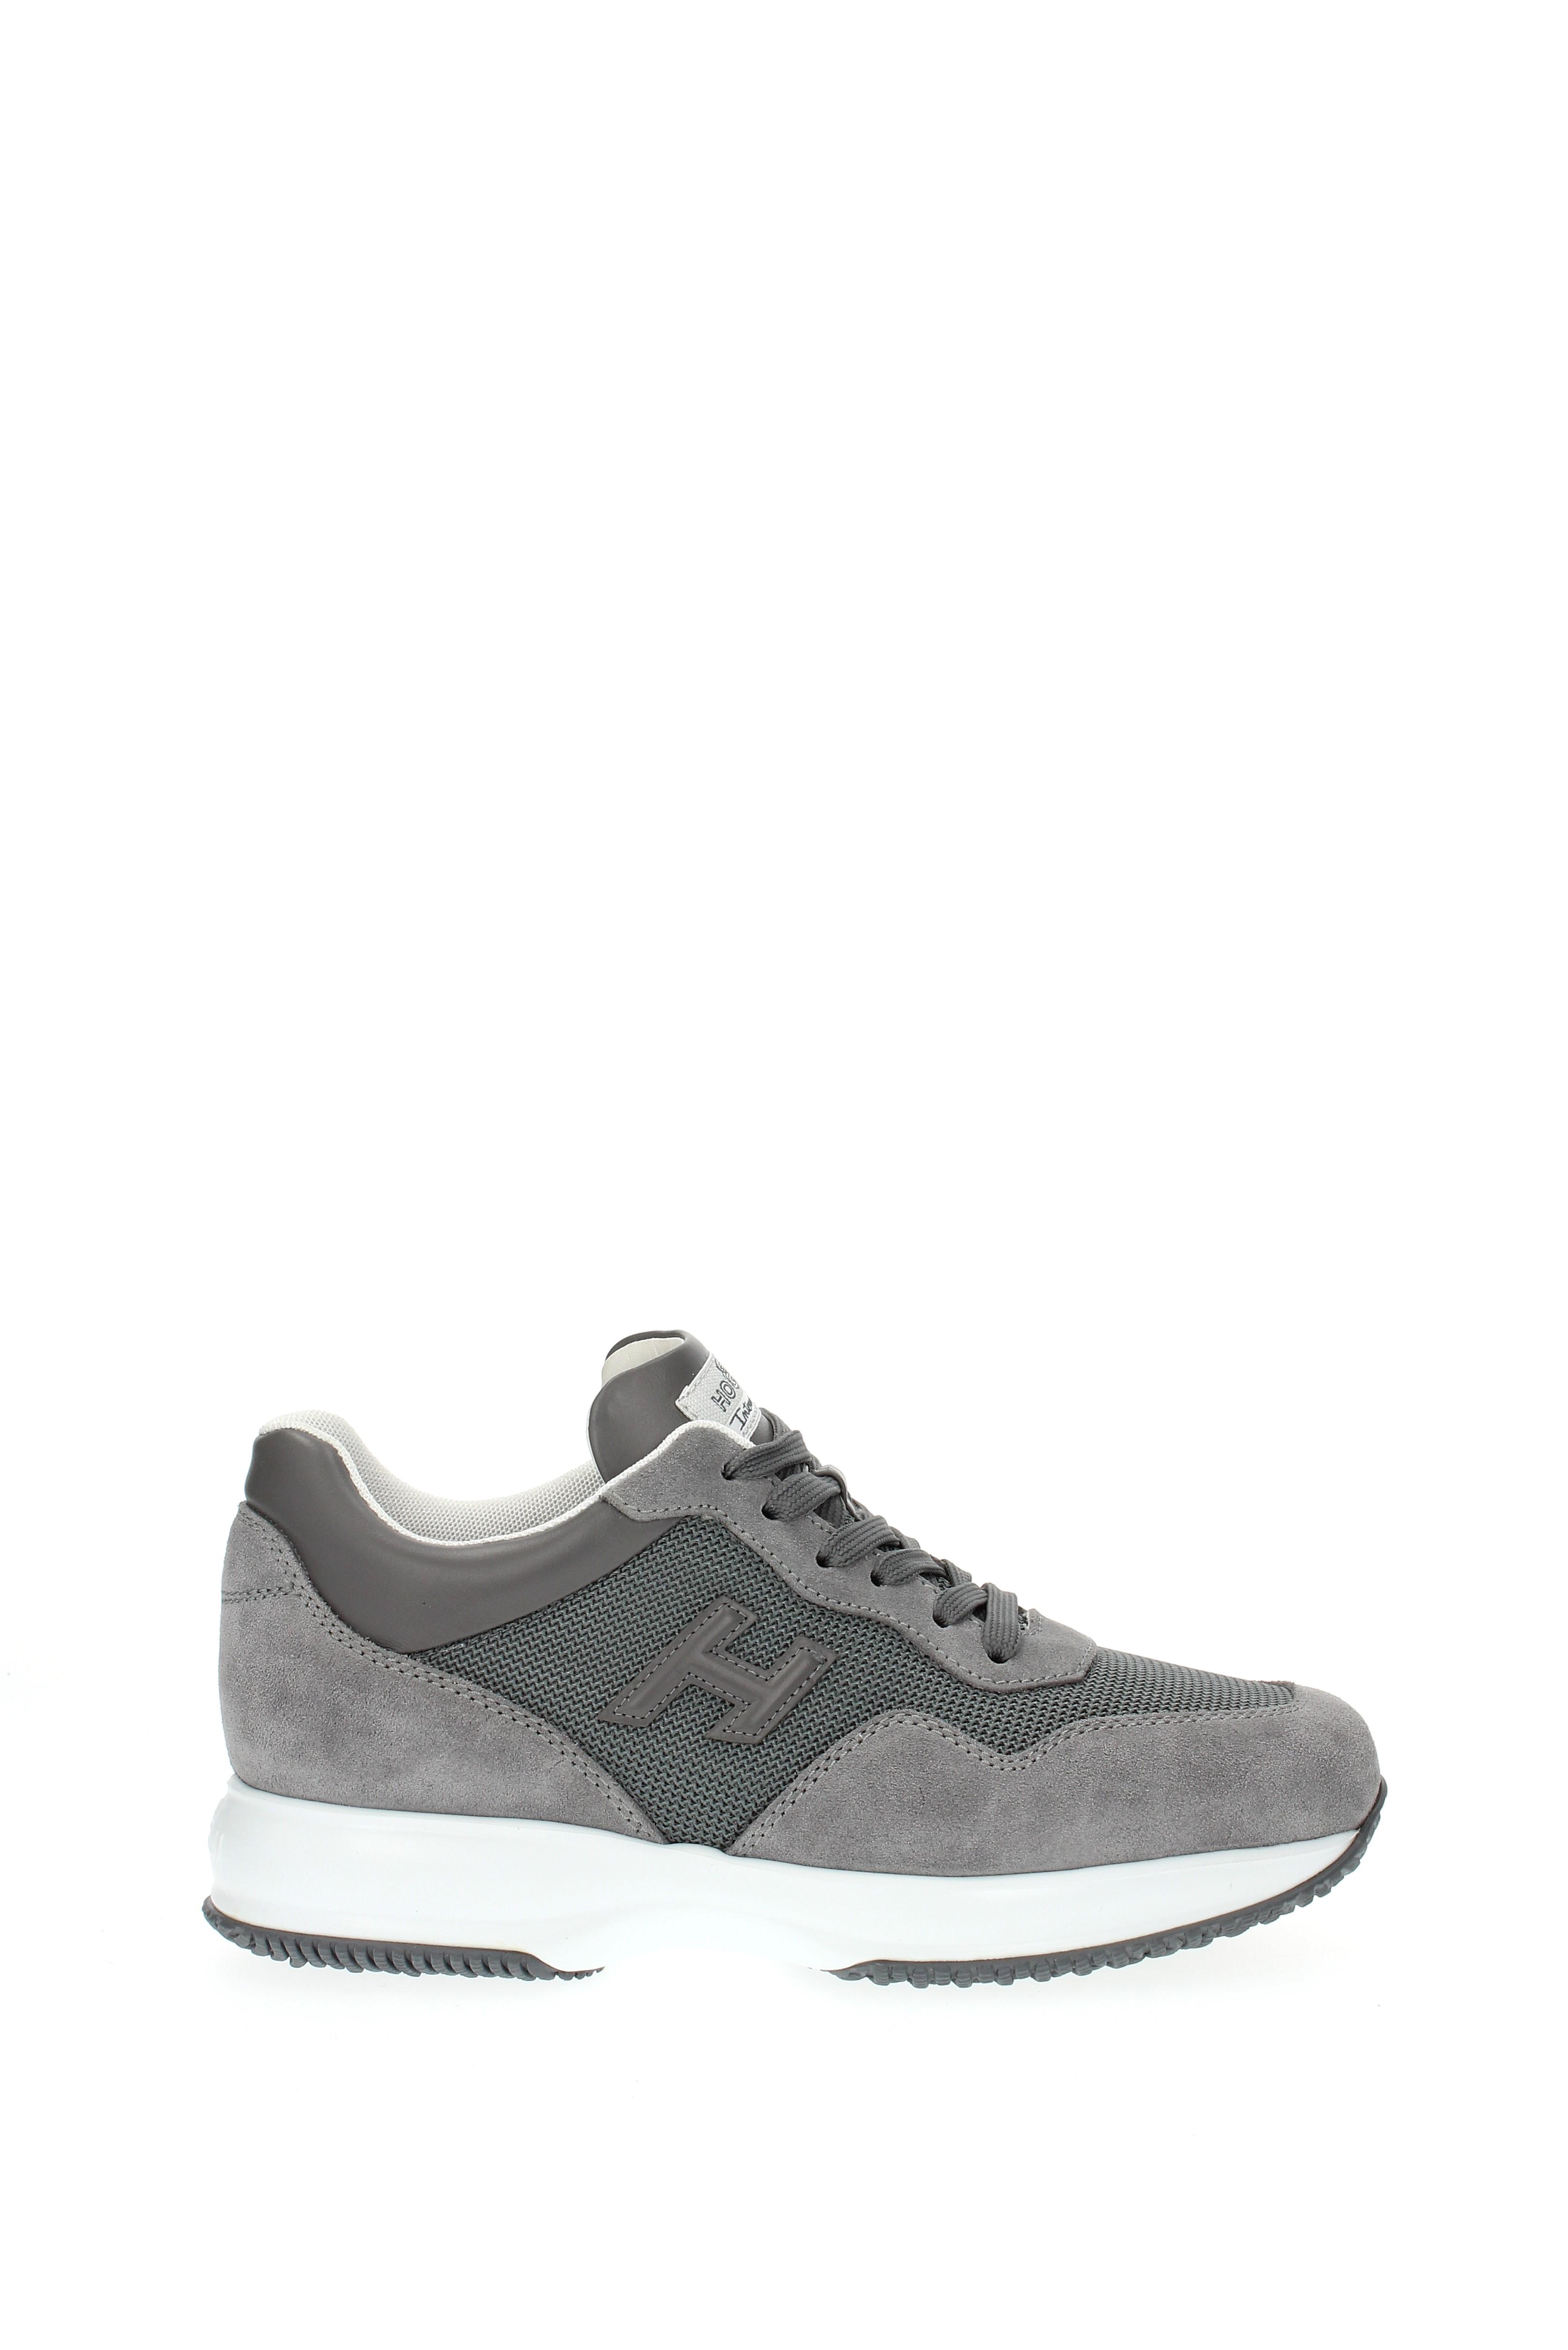 Sneakers Herren Hogan interactive Herren Sneakers - Wildleder (HXM00N0U040I9M) e3b3c5